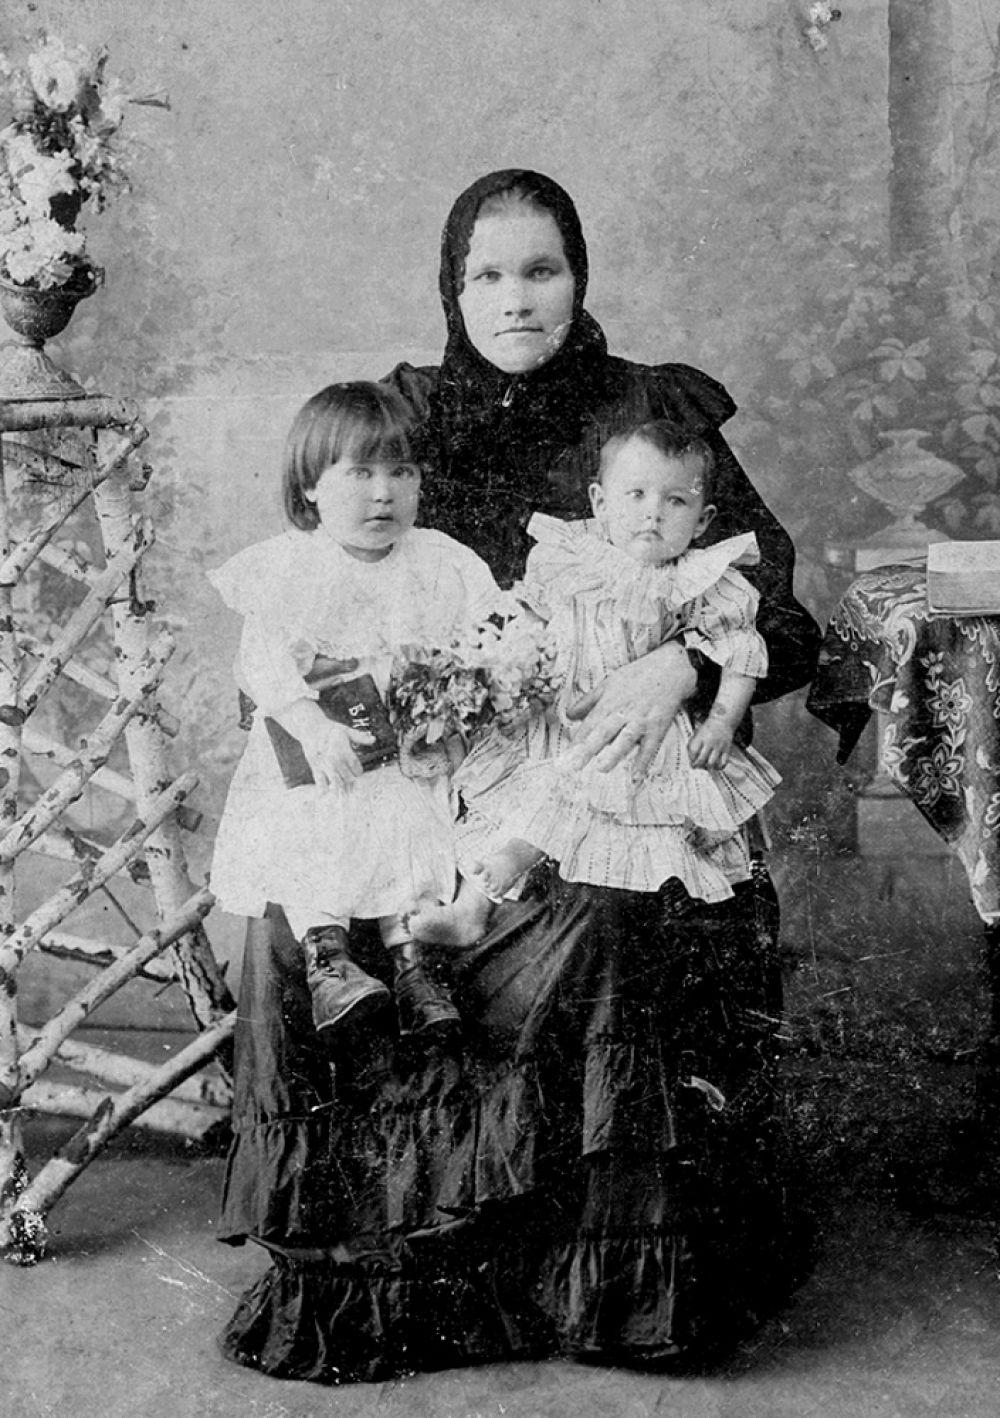 У женщин в возрасте костюм из двух частей - юбка и кофта (называется парочка) Девочки и девушки (и мальчики) - в платьях. Если в XIX веке кофты были приталенные, то в XX веке посвободнее - кофта-разлетайка.